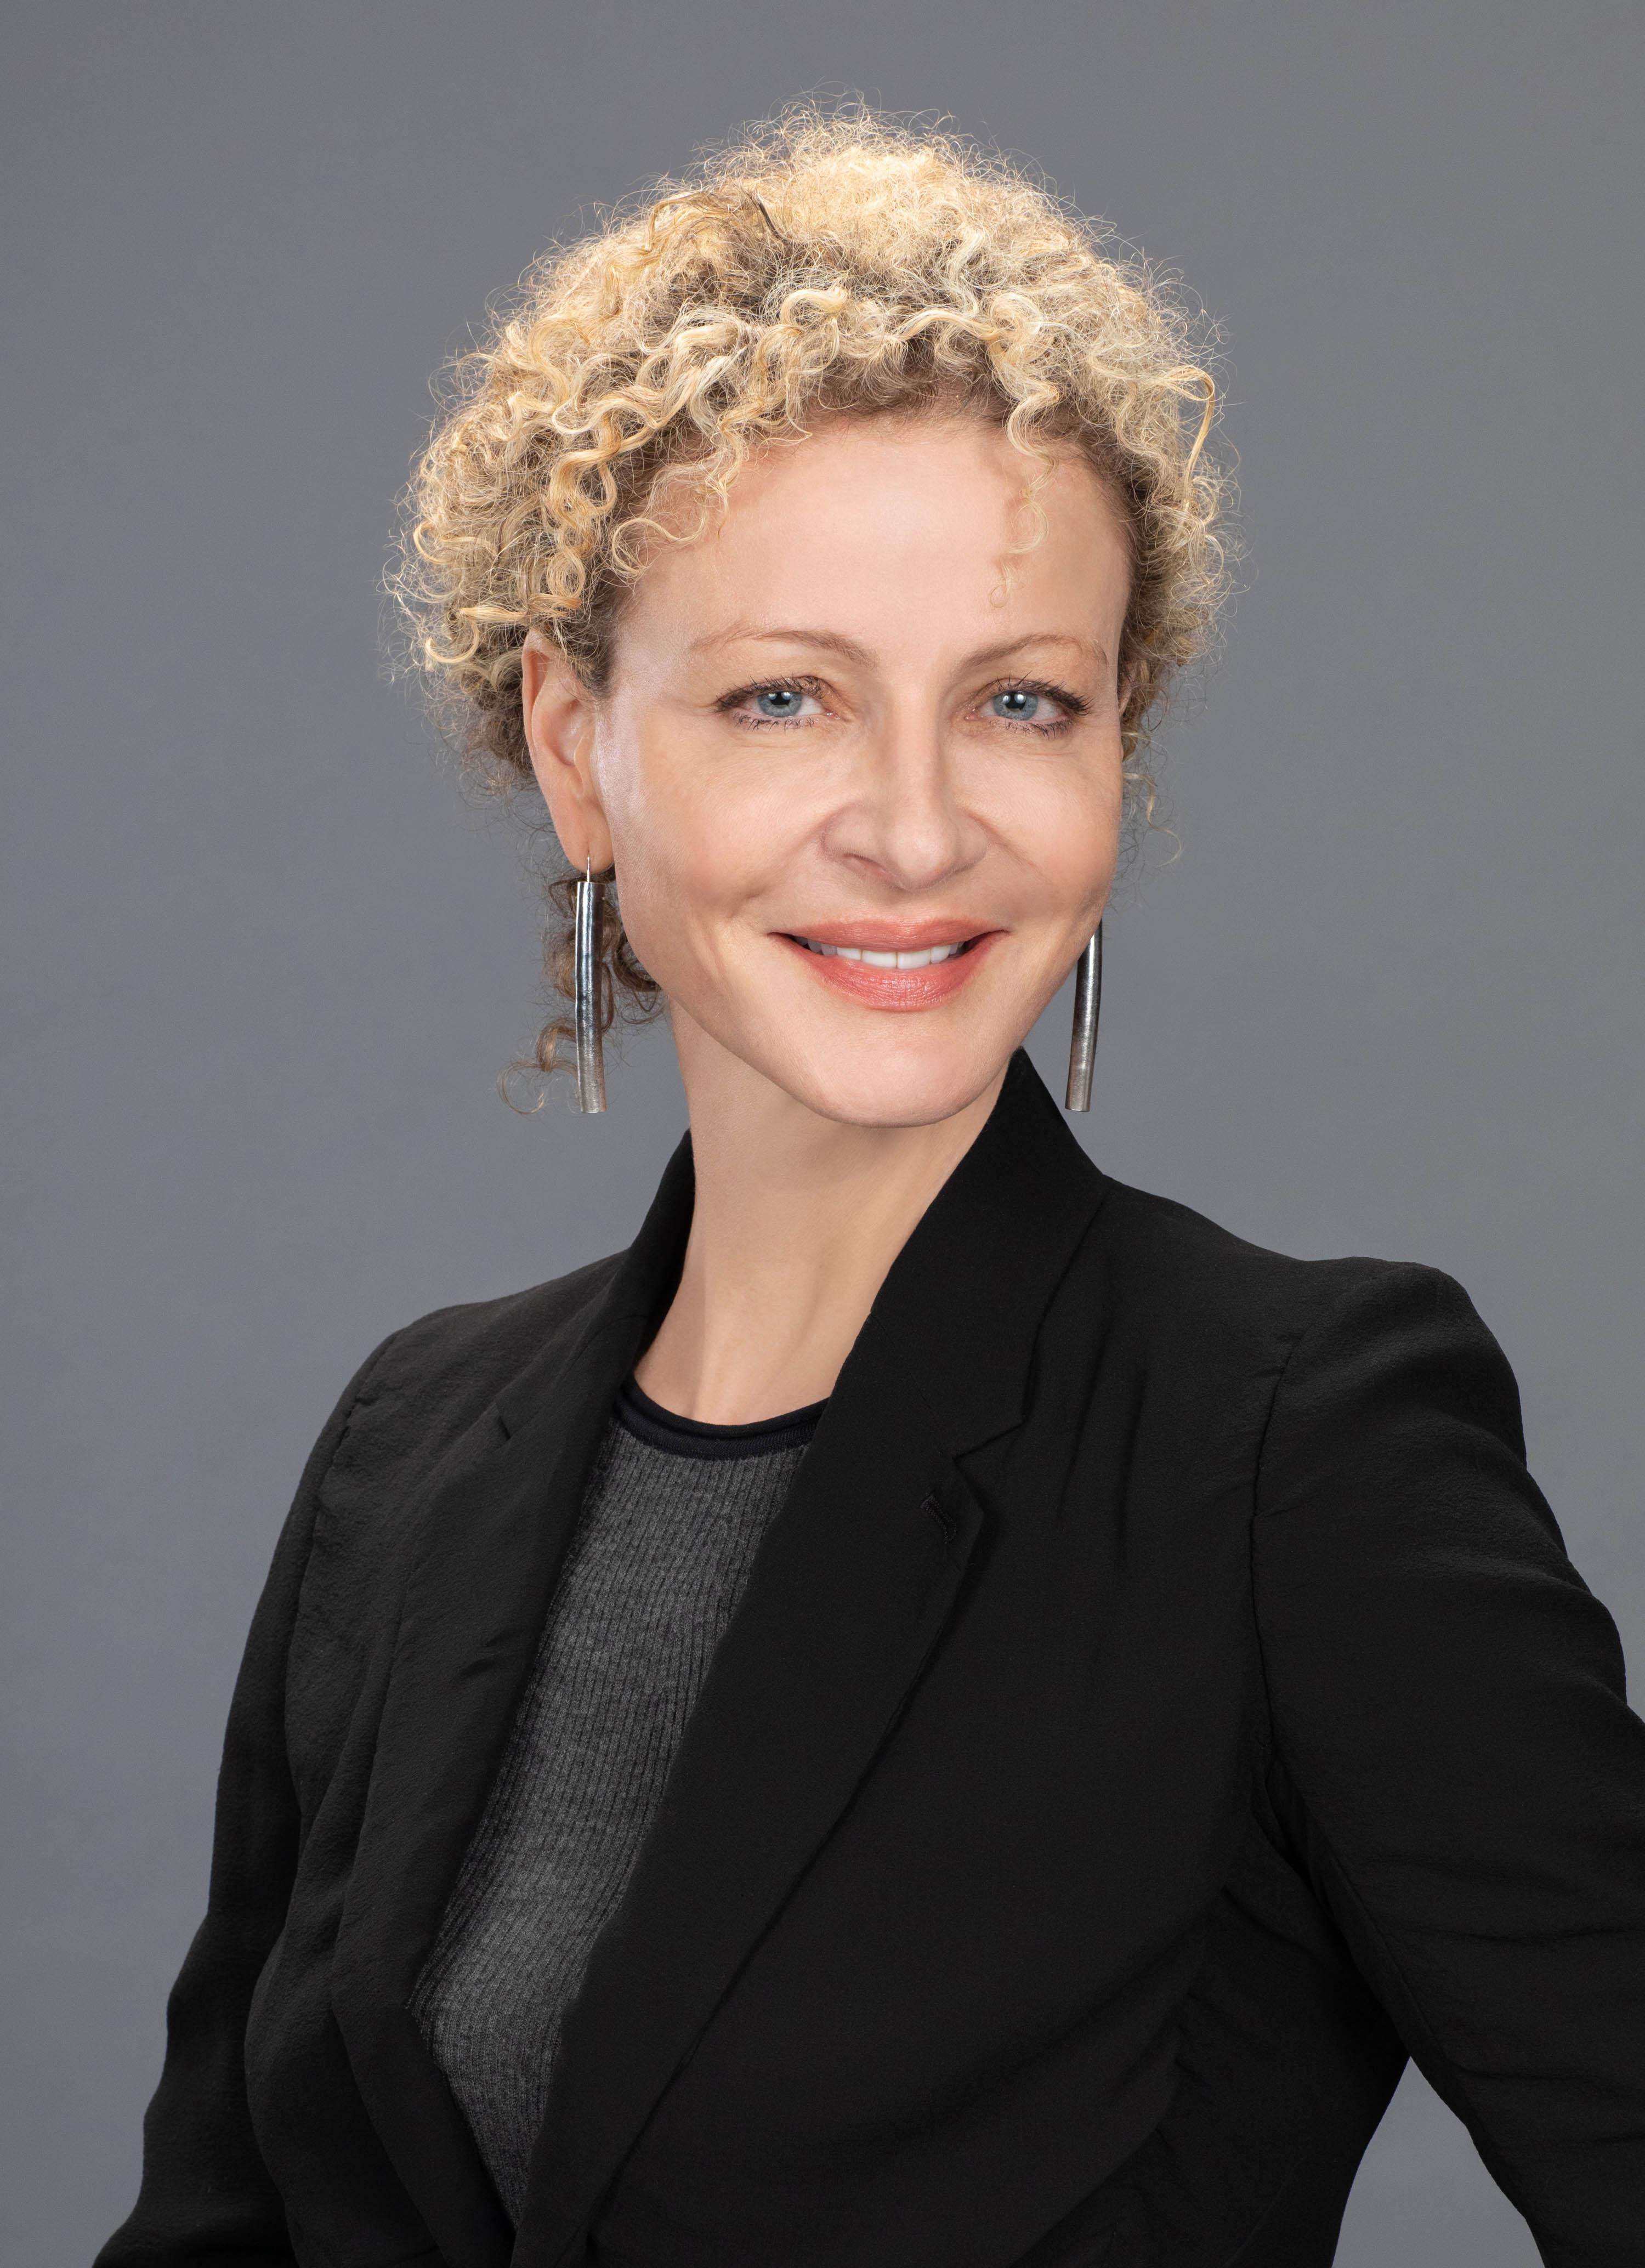 Alicia Ely Yamin